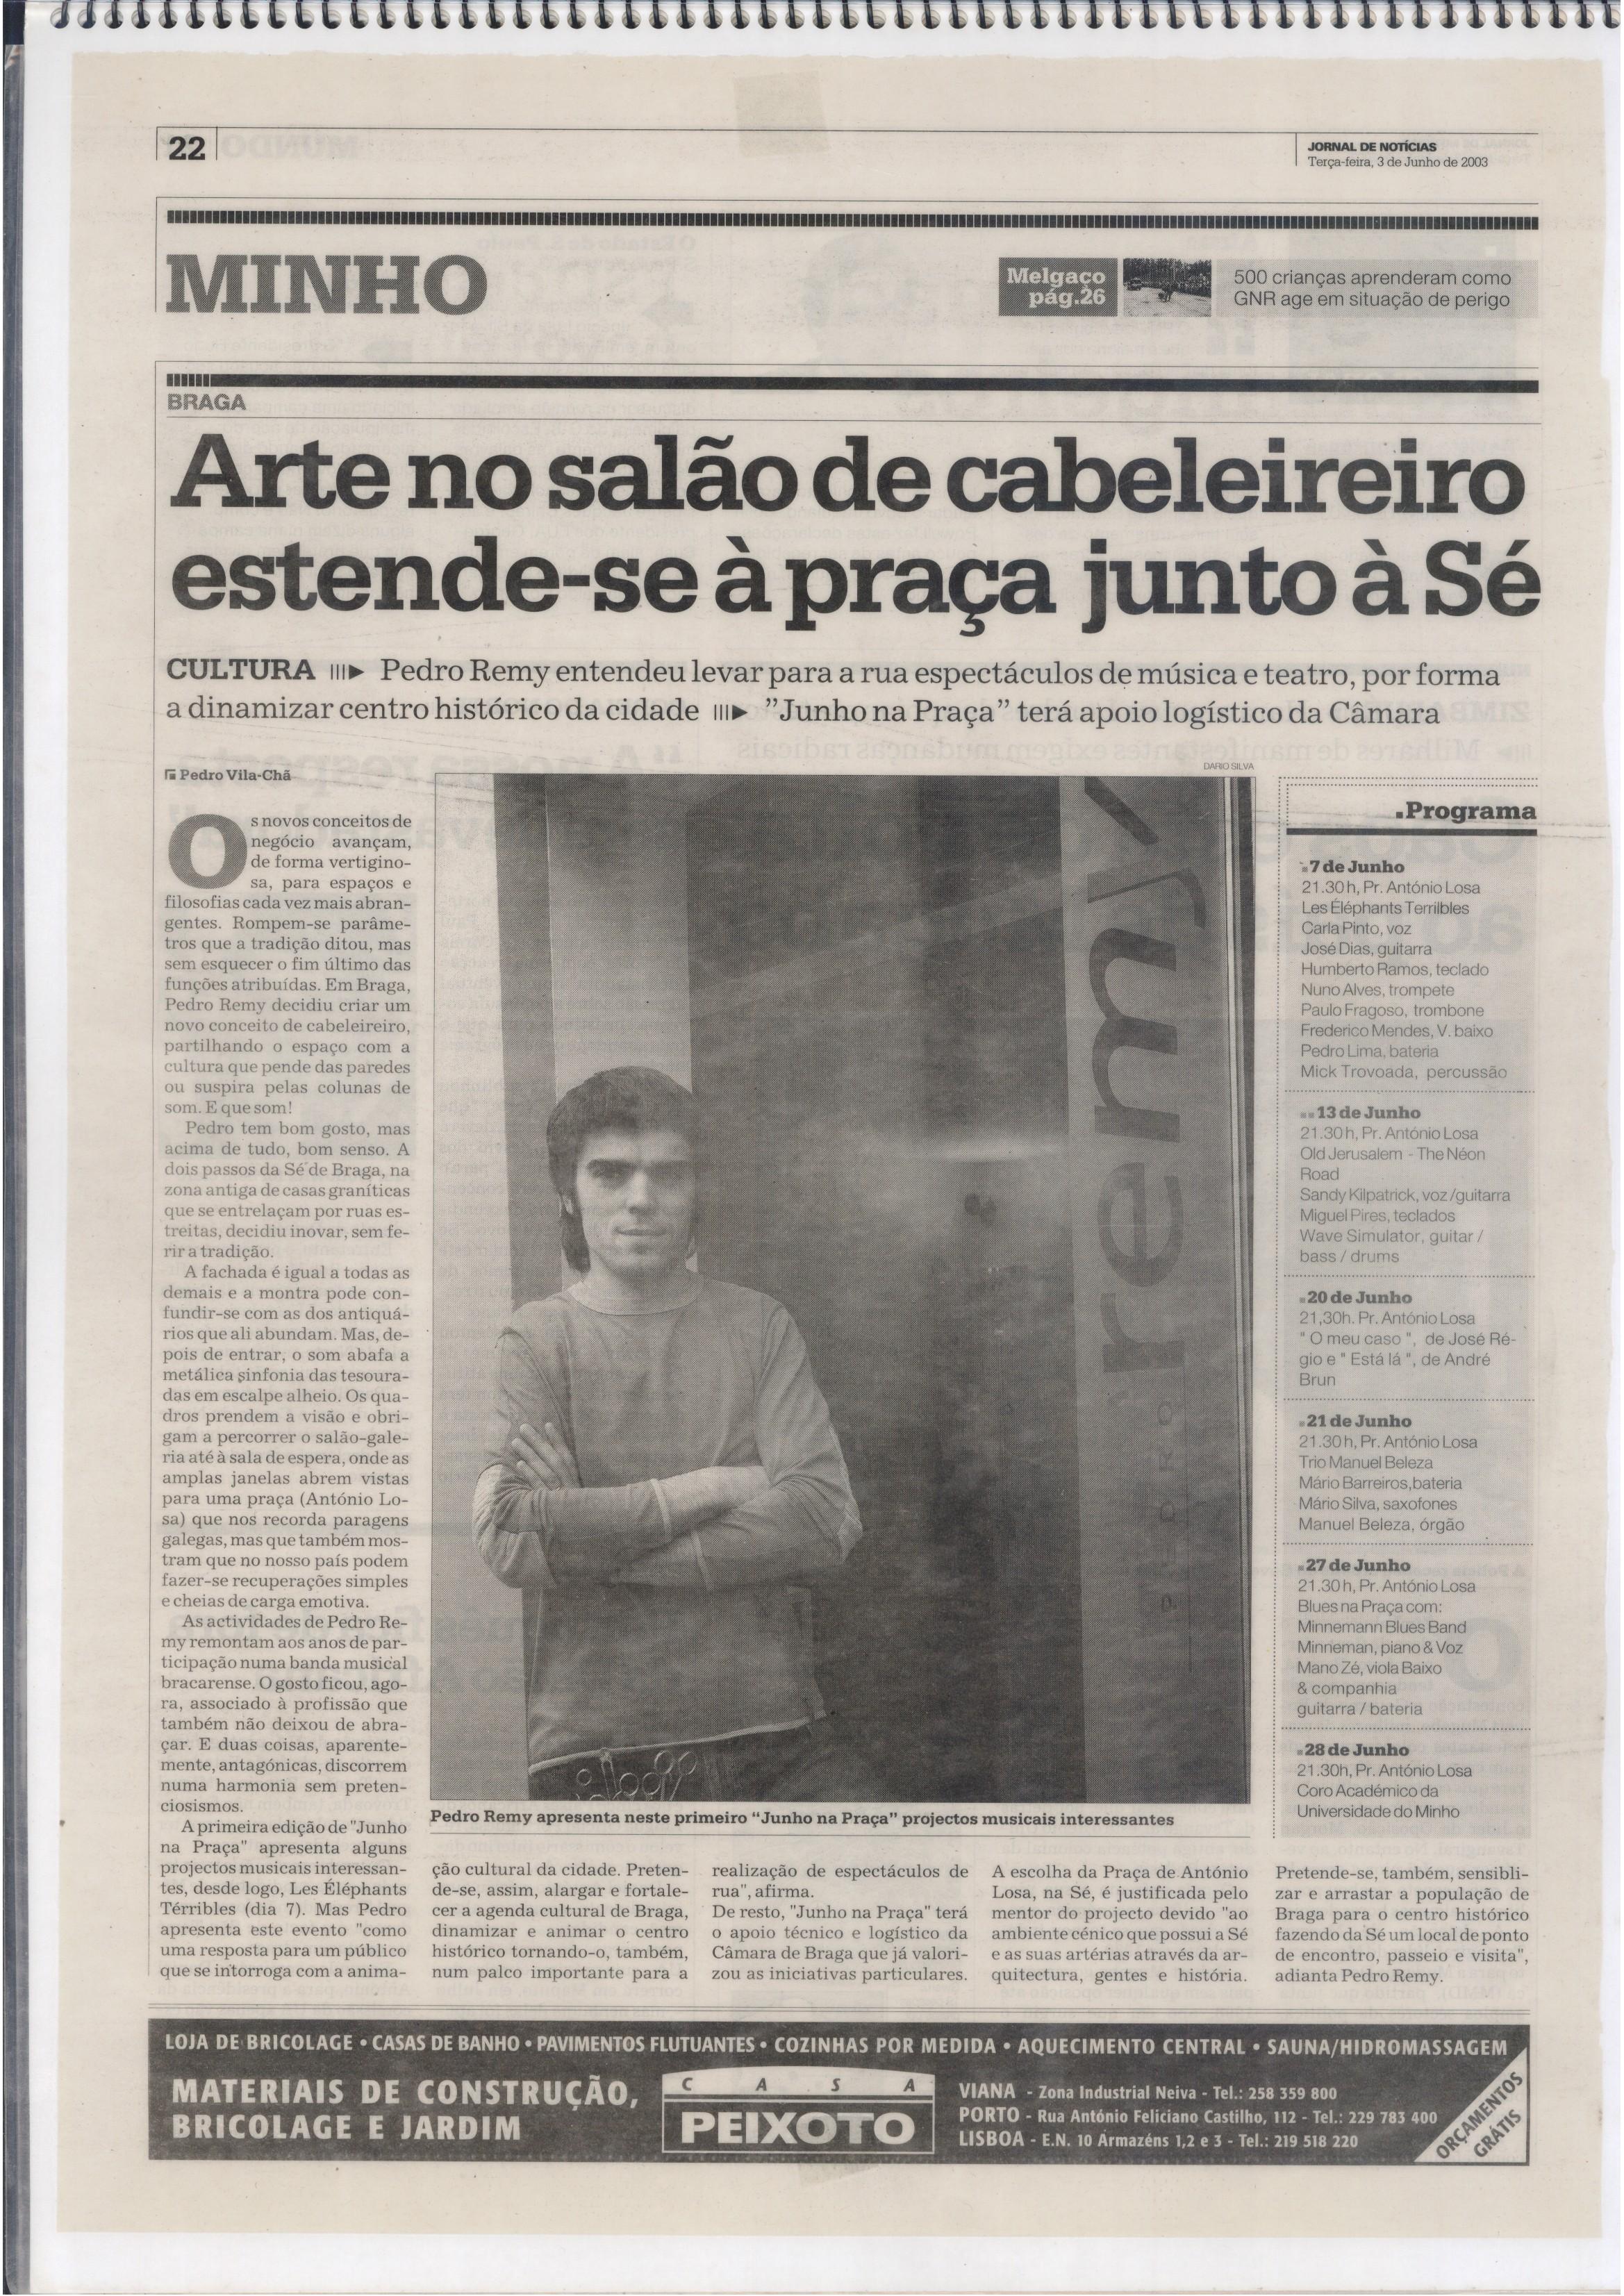 Jornal Diario Noticias